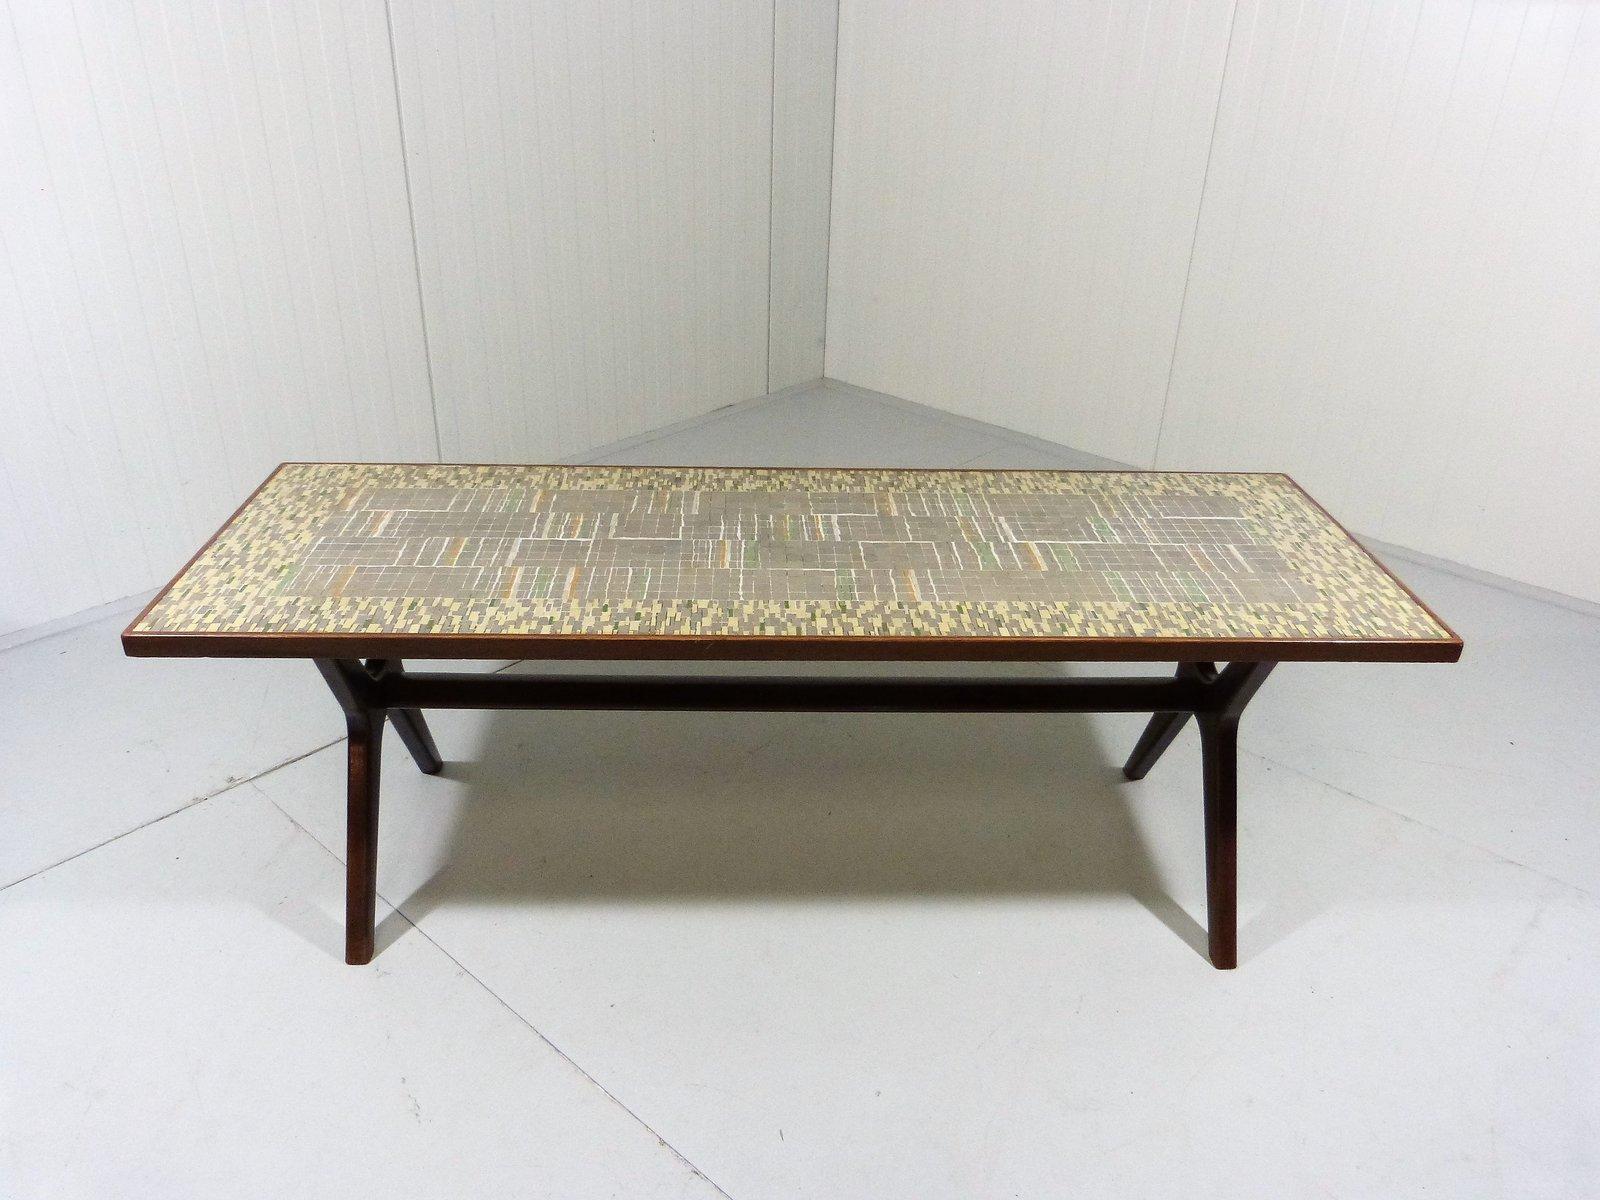 table basse mosa que par berthold m ller oerlinghausen 1950s en vente sur pamono. Black Bedroom Furniture Sets. Home Design Ideas